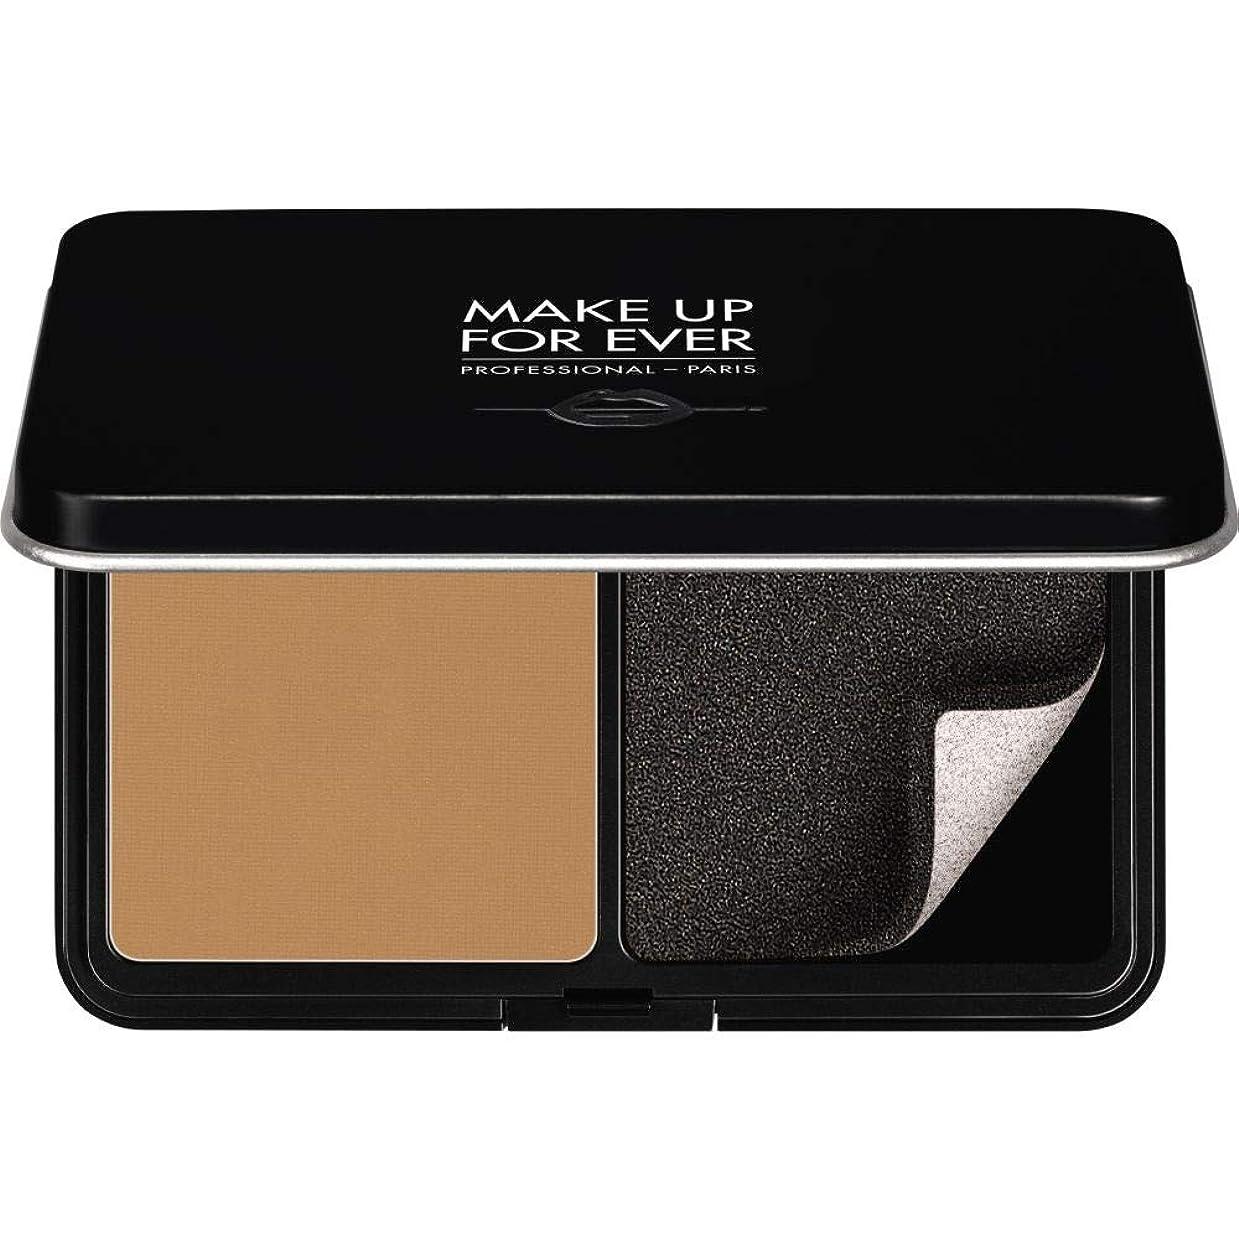 高音温帯現実には[MAKE UP FOR EVER ] パウダーファンデーション11GののY415をぼかし、これまでマットベルベットの肌を補う - アーモンド - MAKE UP FOR EVER Matte Velvet Skin Blurring Powder Foundation 11g Y415 - Almond [並行輸入品]